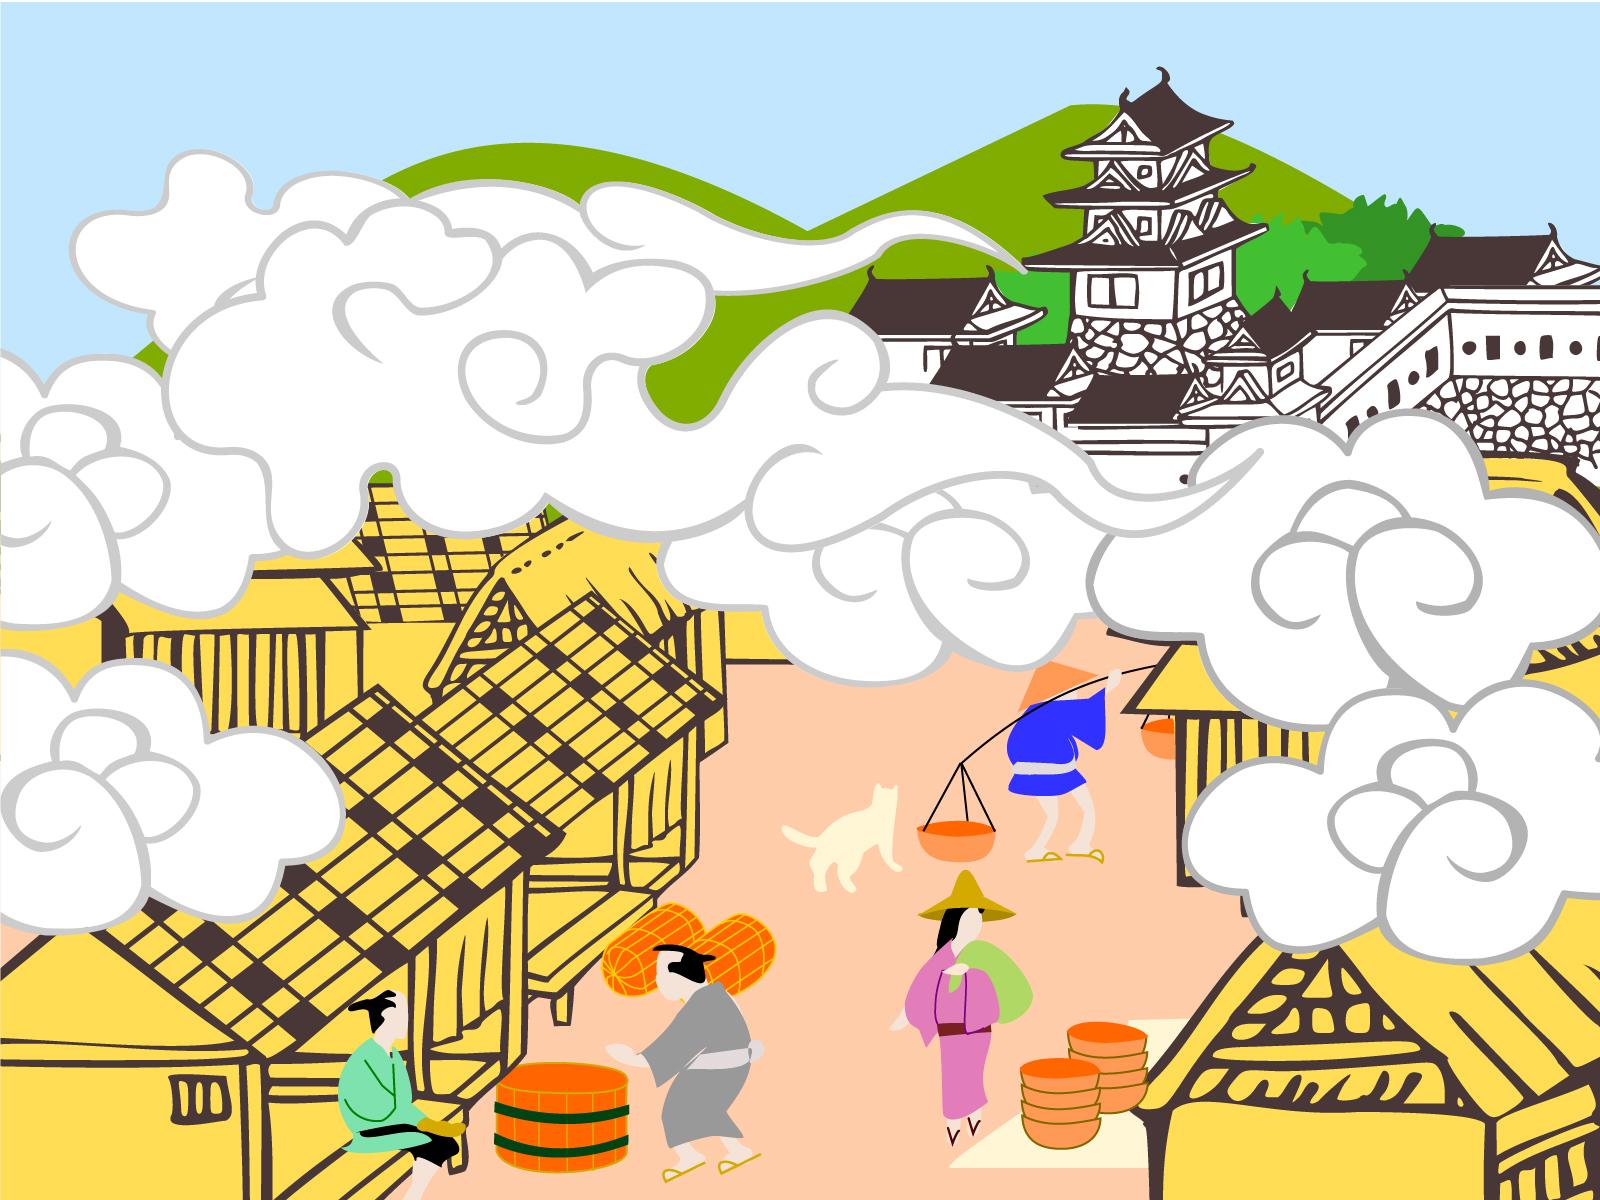 【歴史人物クイズ 全30問】小学生向け!!日本の偉人を当てろ!おもしろ三択問題